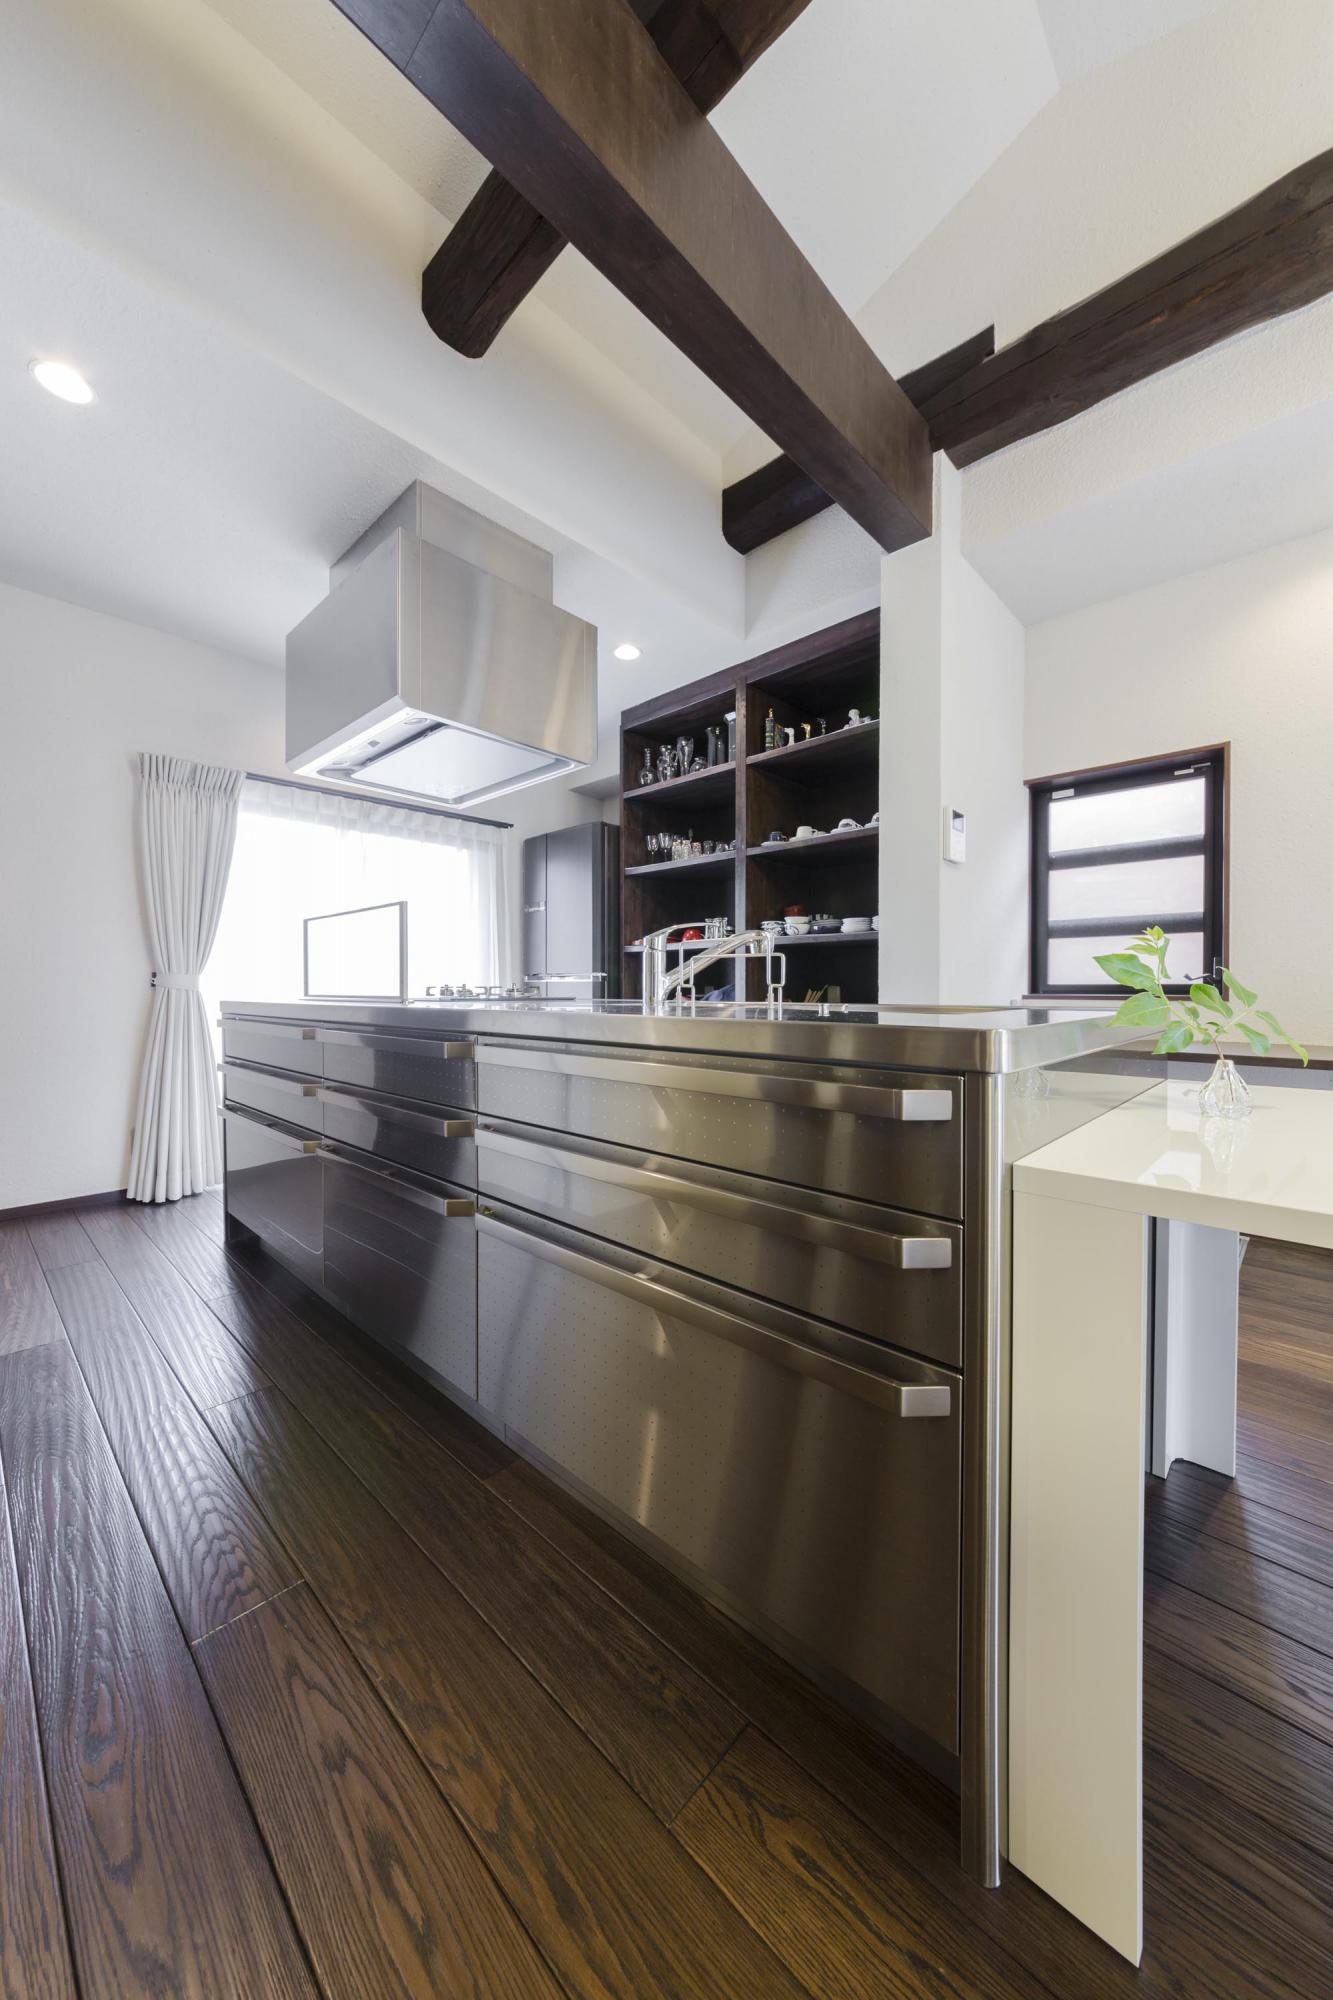 床はなぐり調のオーク。濃い色がステンレスのキッチンに似合う。隠す収納と見せる収納を組み合わせ、十分な収納量を確保した。